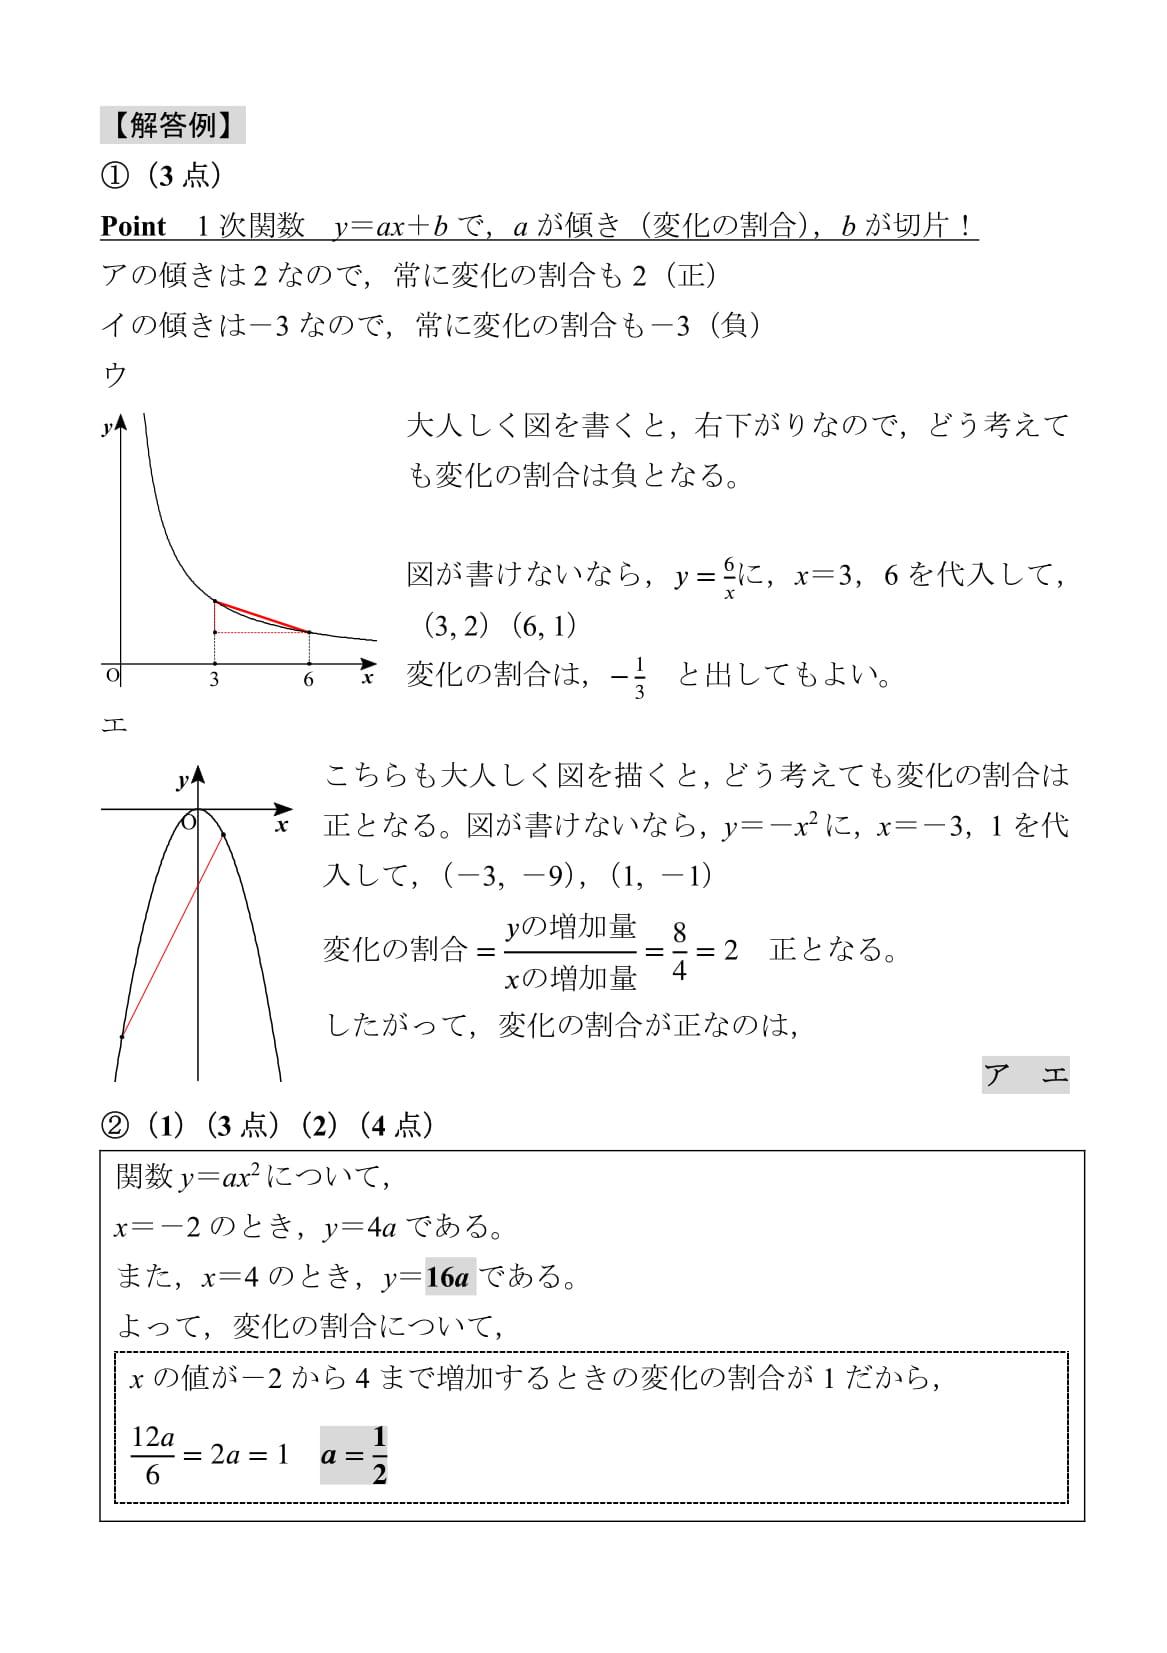 2020 岡山 高校入試 数学 解説 大問3